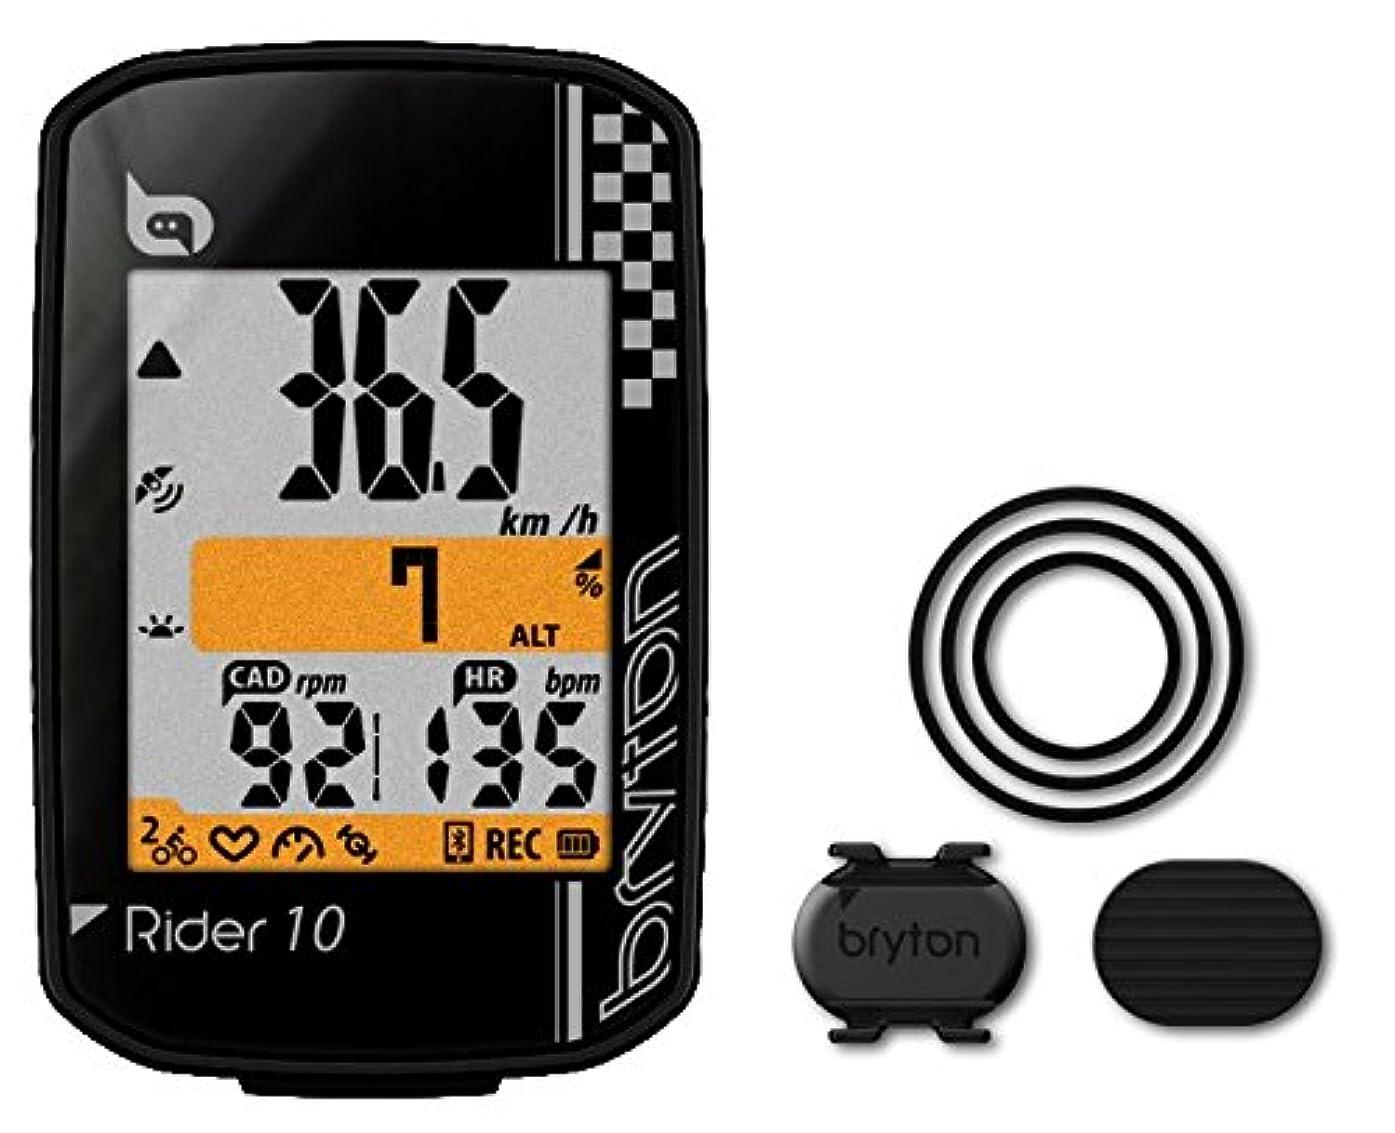 掃くアラームドラッグBRYTON(ブライトン) RIDER 10 C (ライダー10C) GPSサイクルコンピューター(ケイデンスセンサー付) ブラック TB0F0R010CBLK